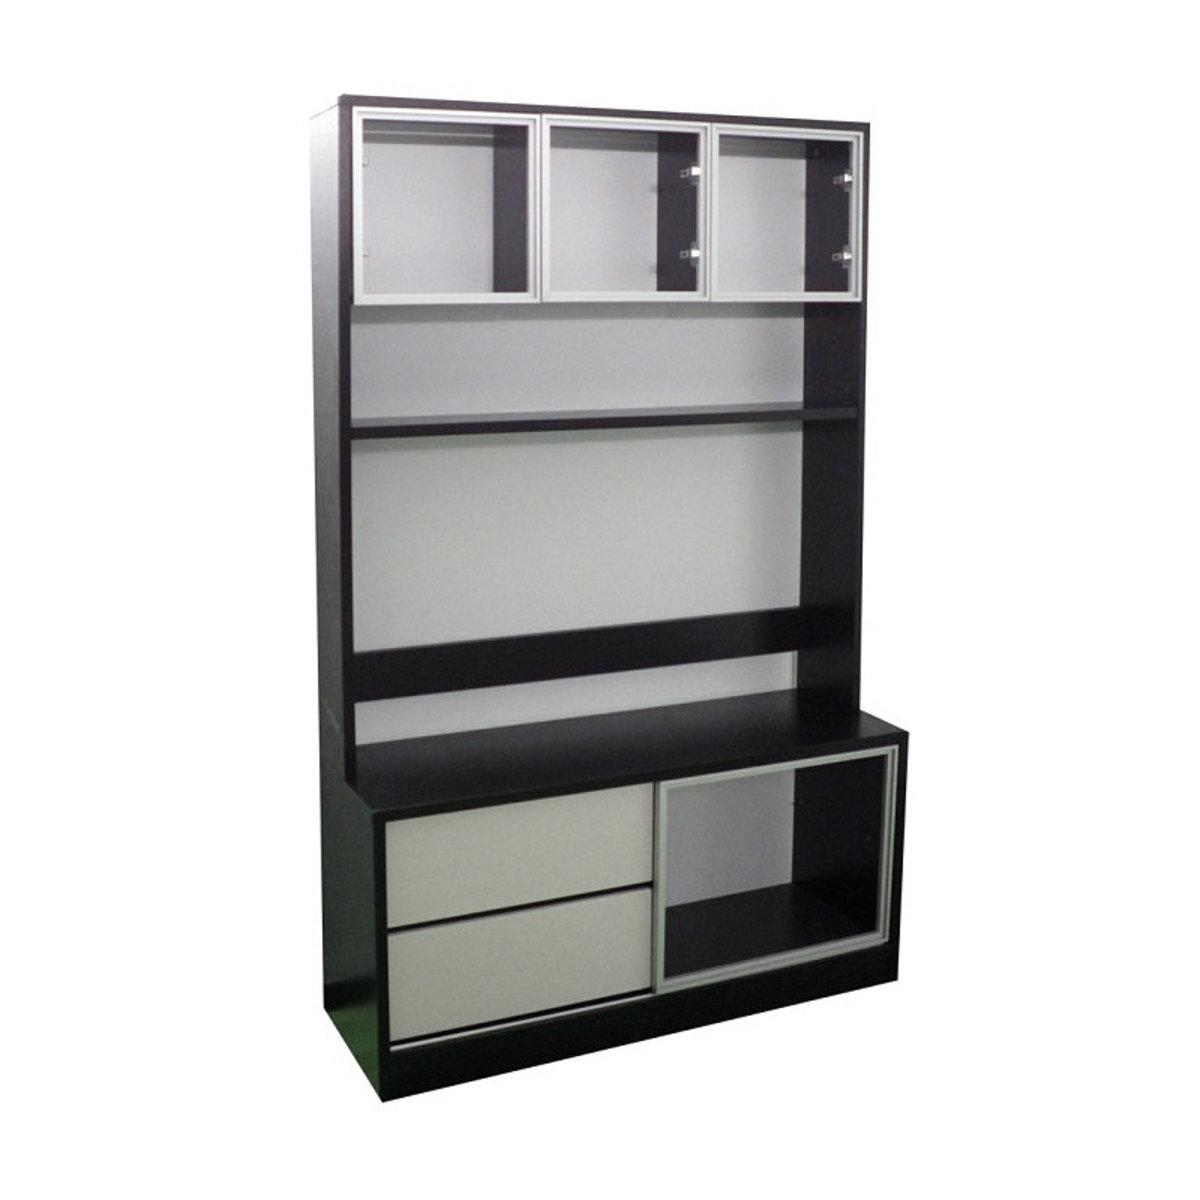 胡桃白組合櫃 (透明玻璃櫃門)